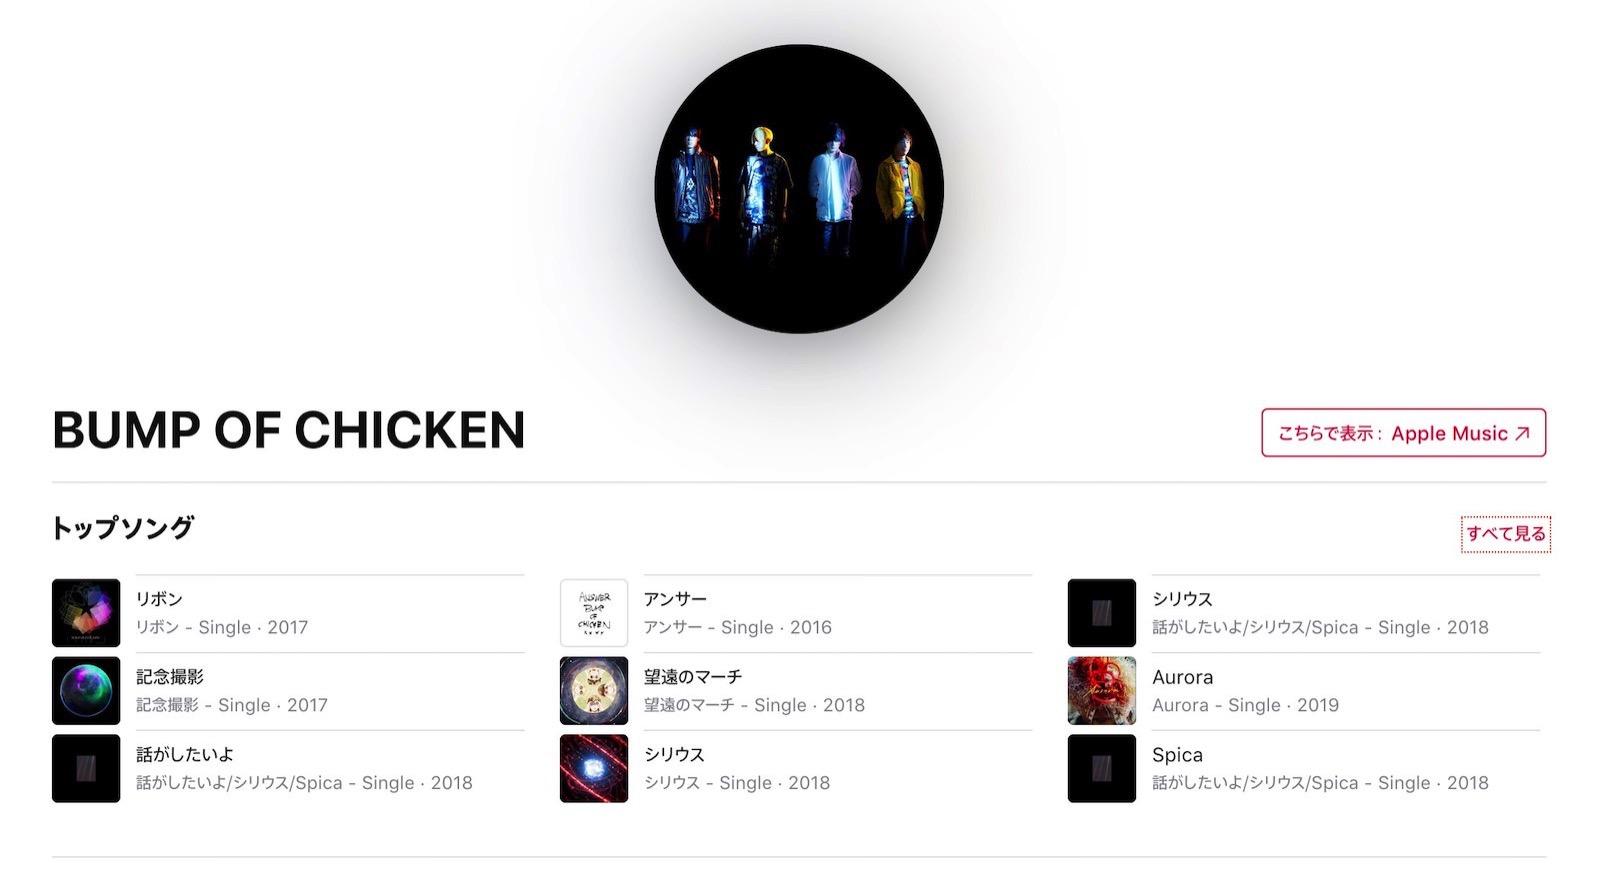 BUMP-Of-CHICKEN-Music-Services.jpg